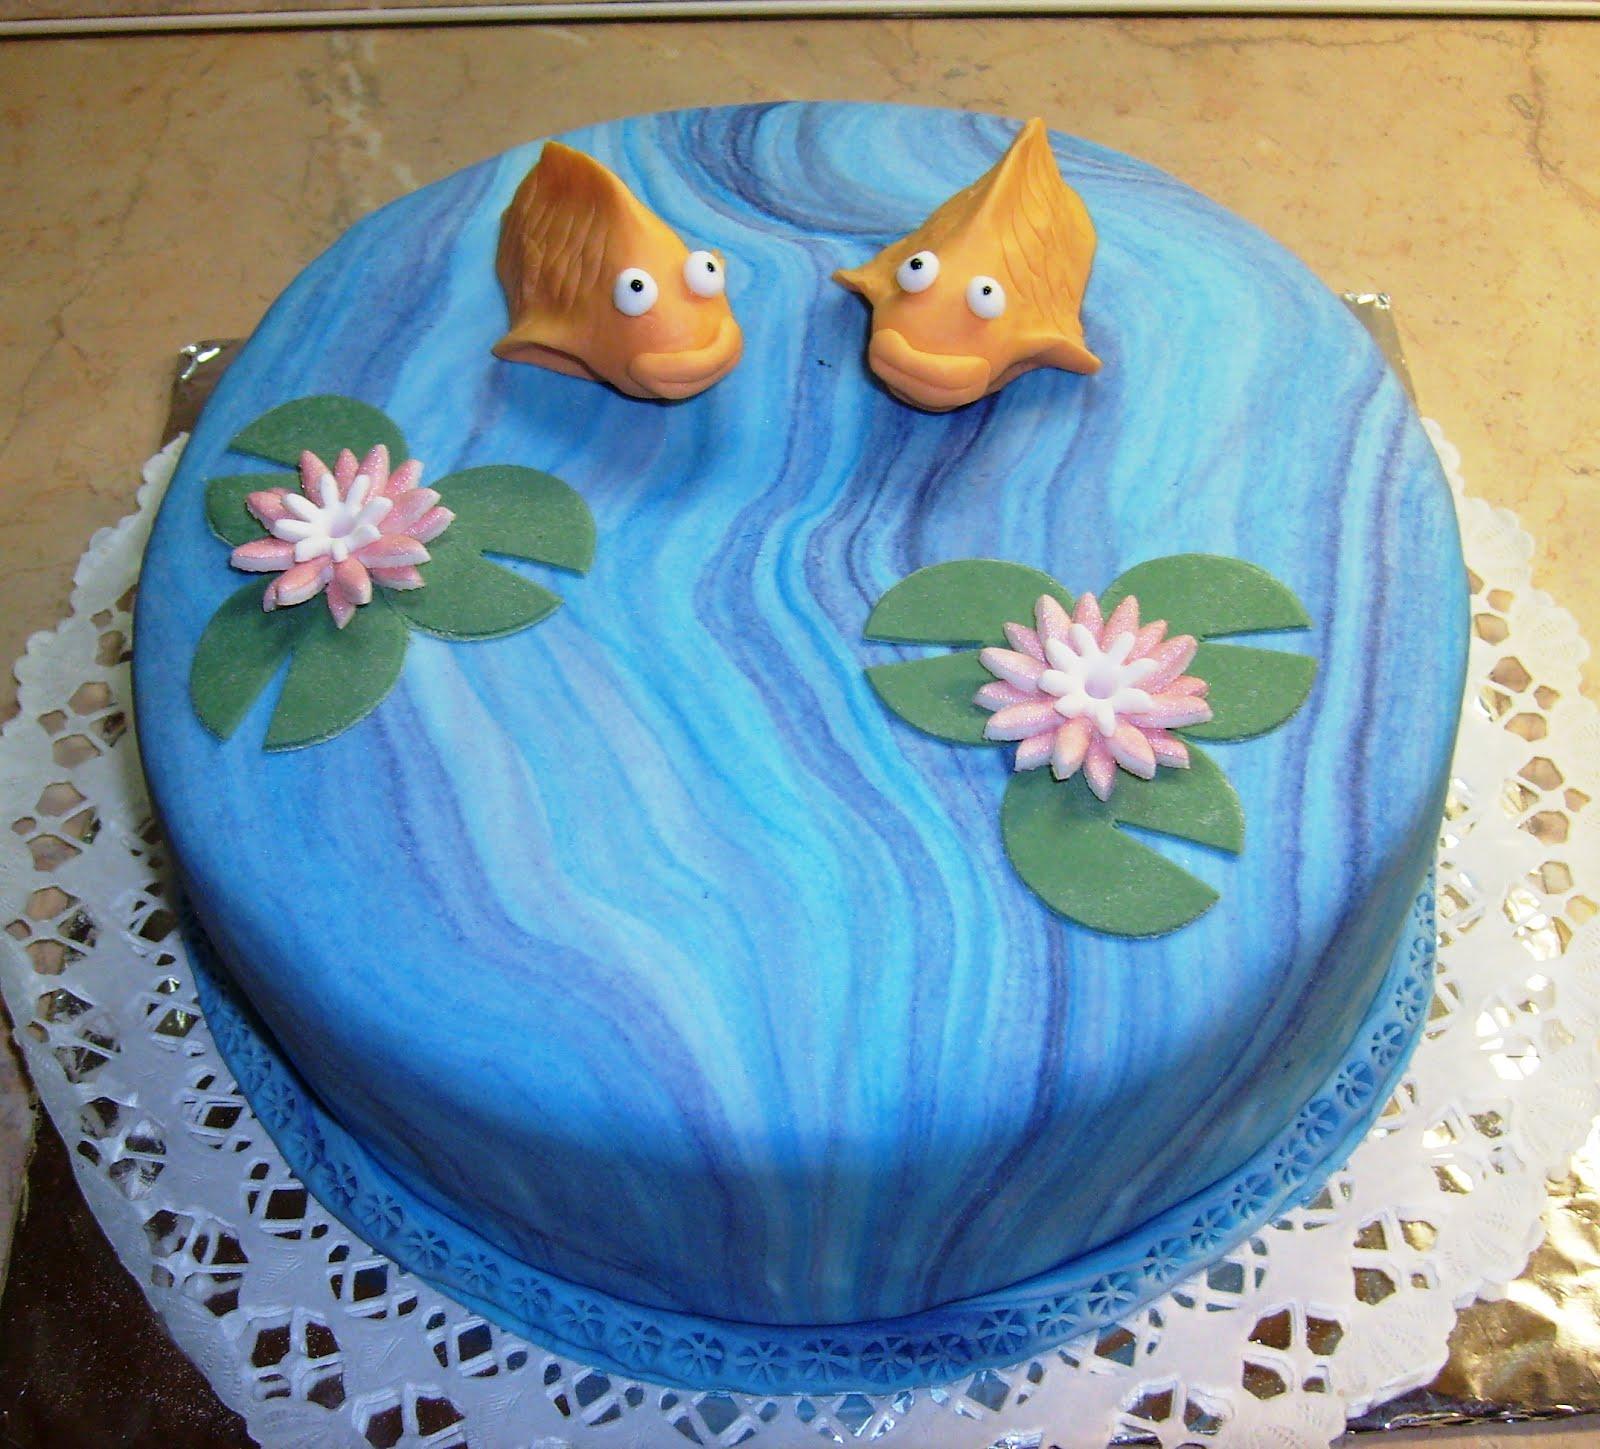 halas torták képek Botladozó lépéseim a nagy tortaországban!: Halas torta halas torták képek